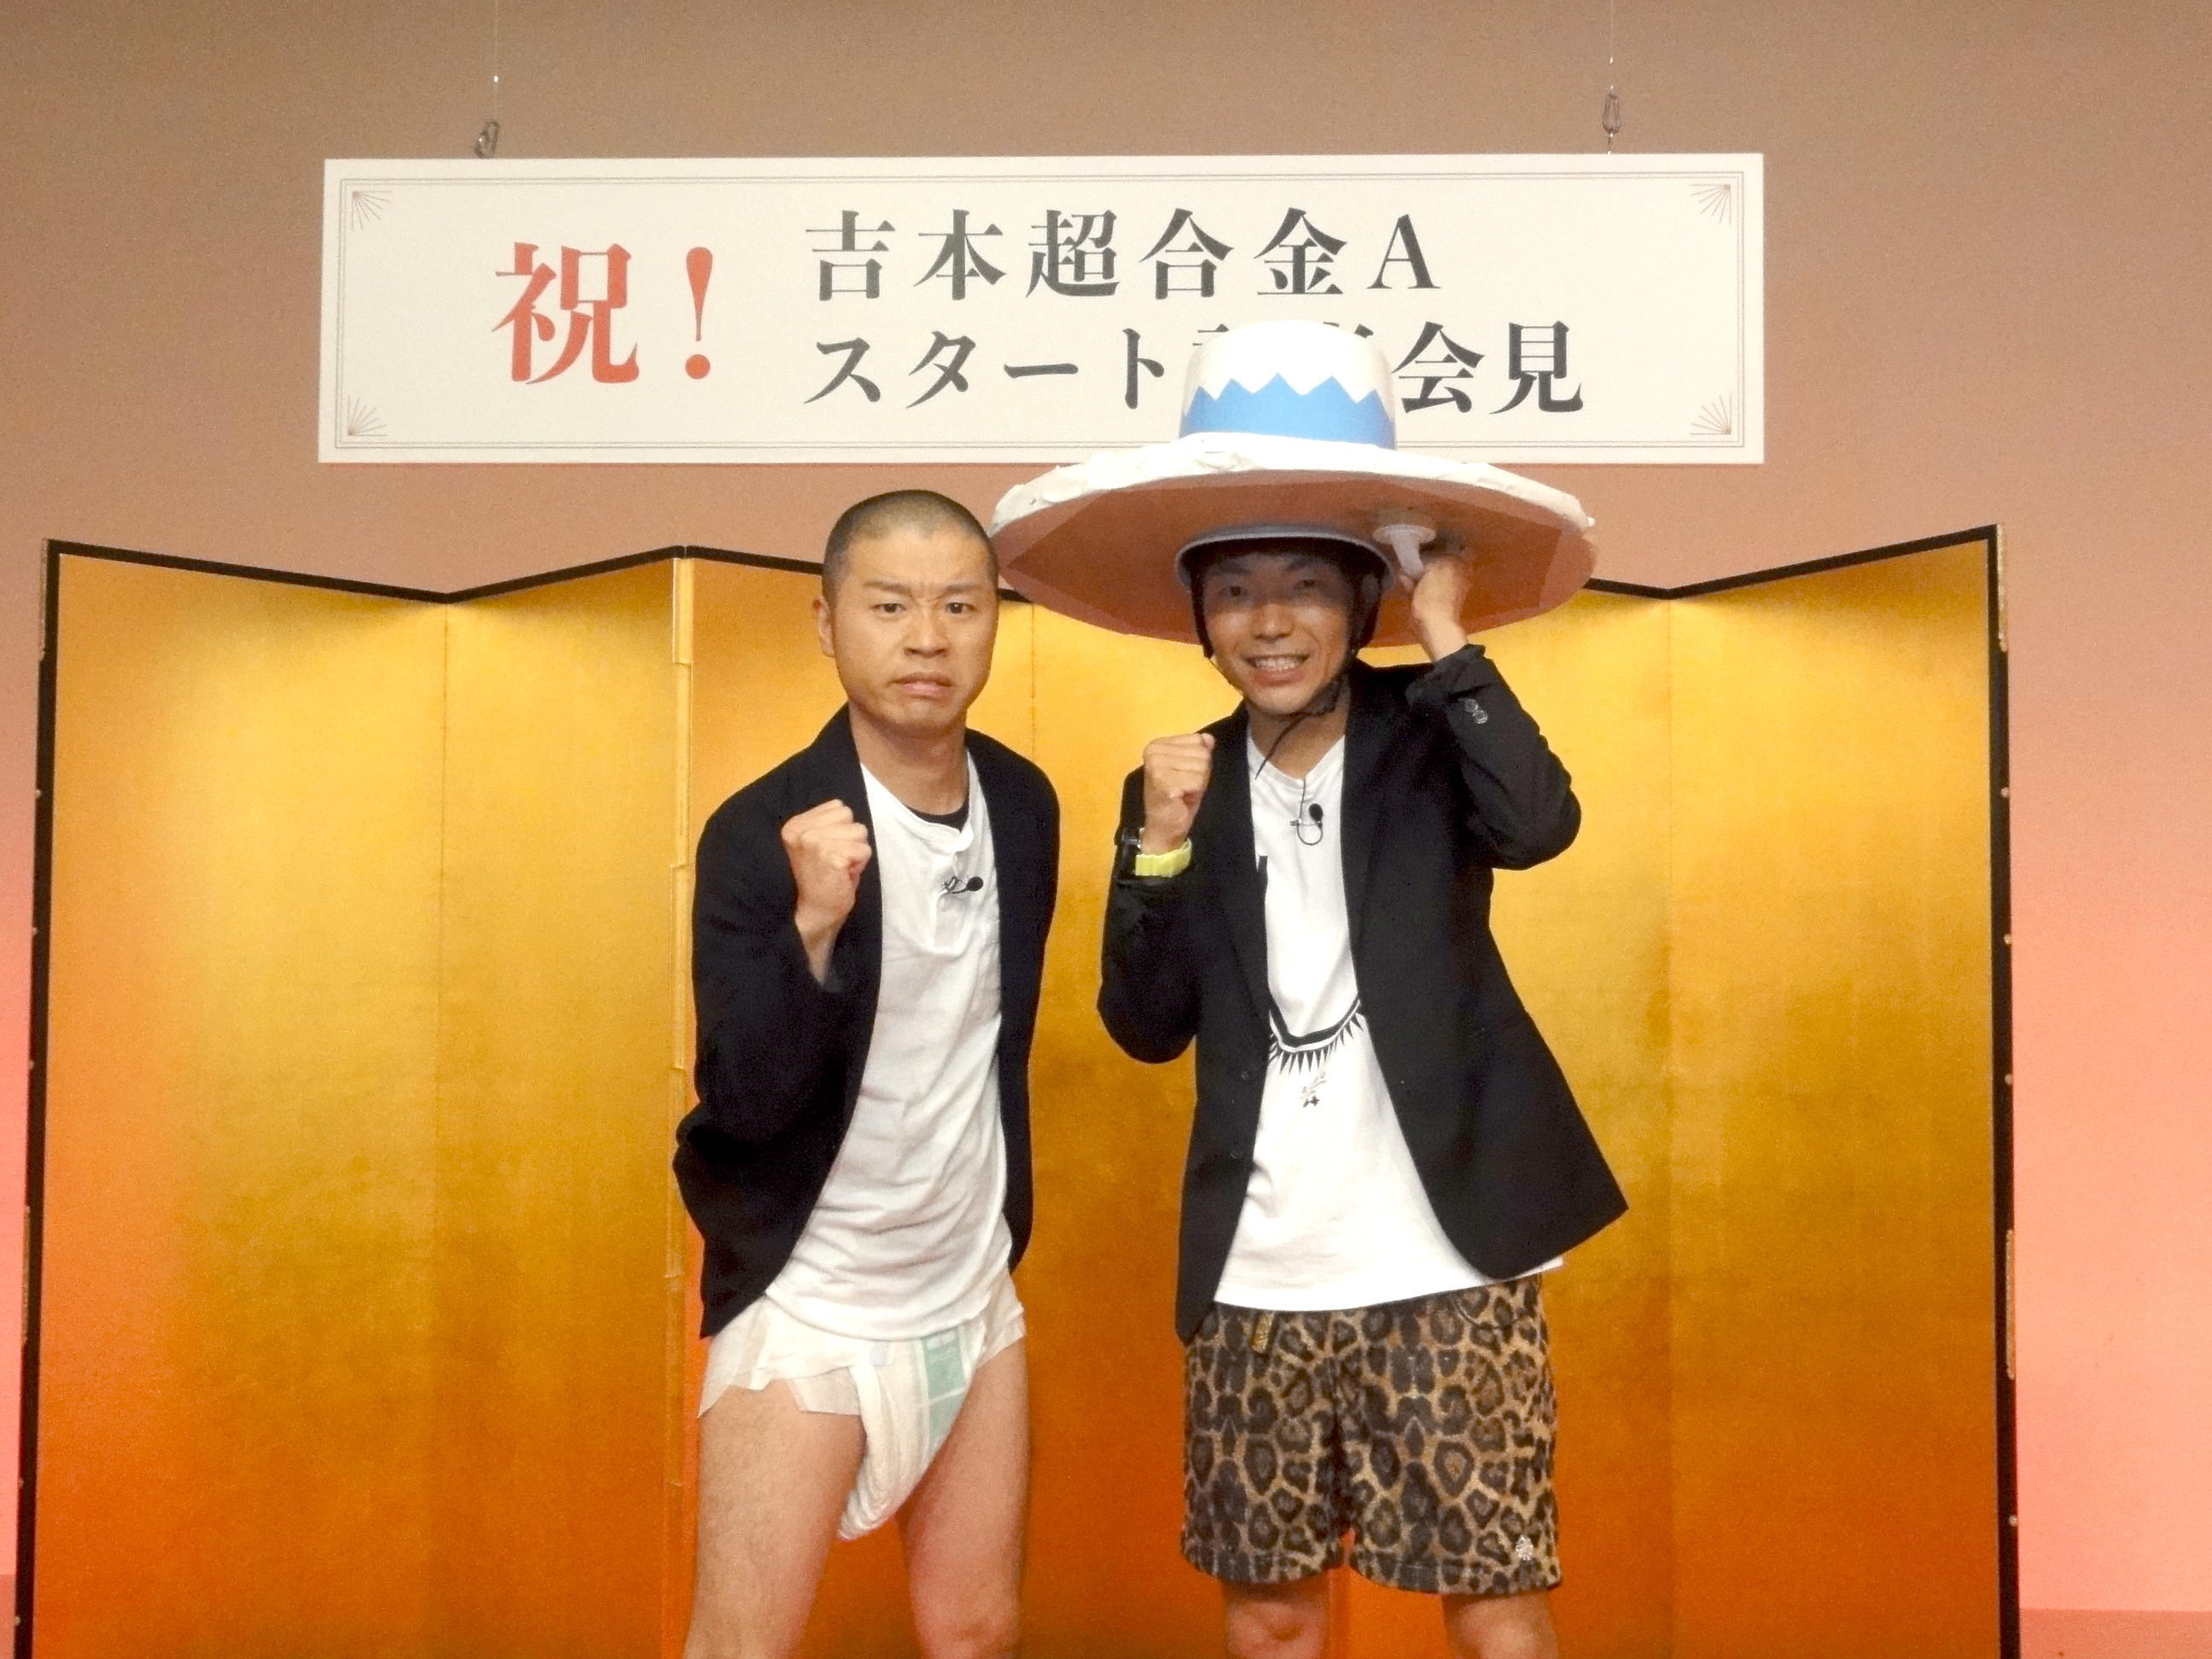 http://news.yoshimoto.co.jp/20171003001349-739d0880f147ce7e346f7440971e444f28fe7b2d.jpg